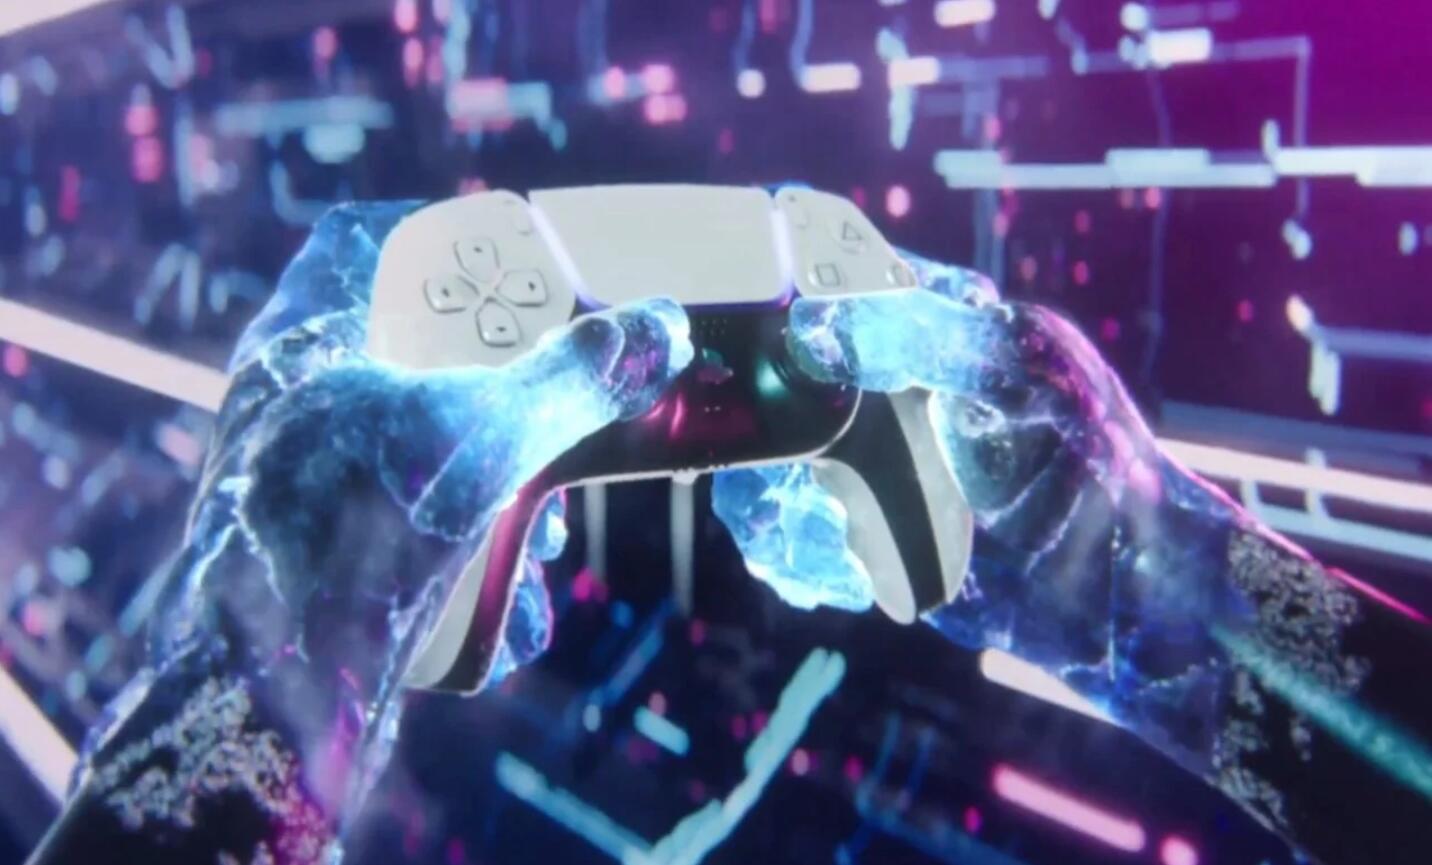 E3官方悄然撤下宣传片,剪掉索尼PS5手柄画面